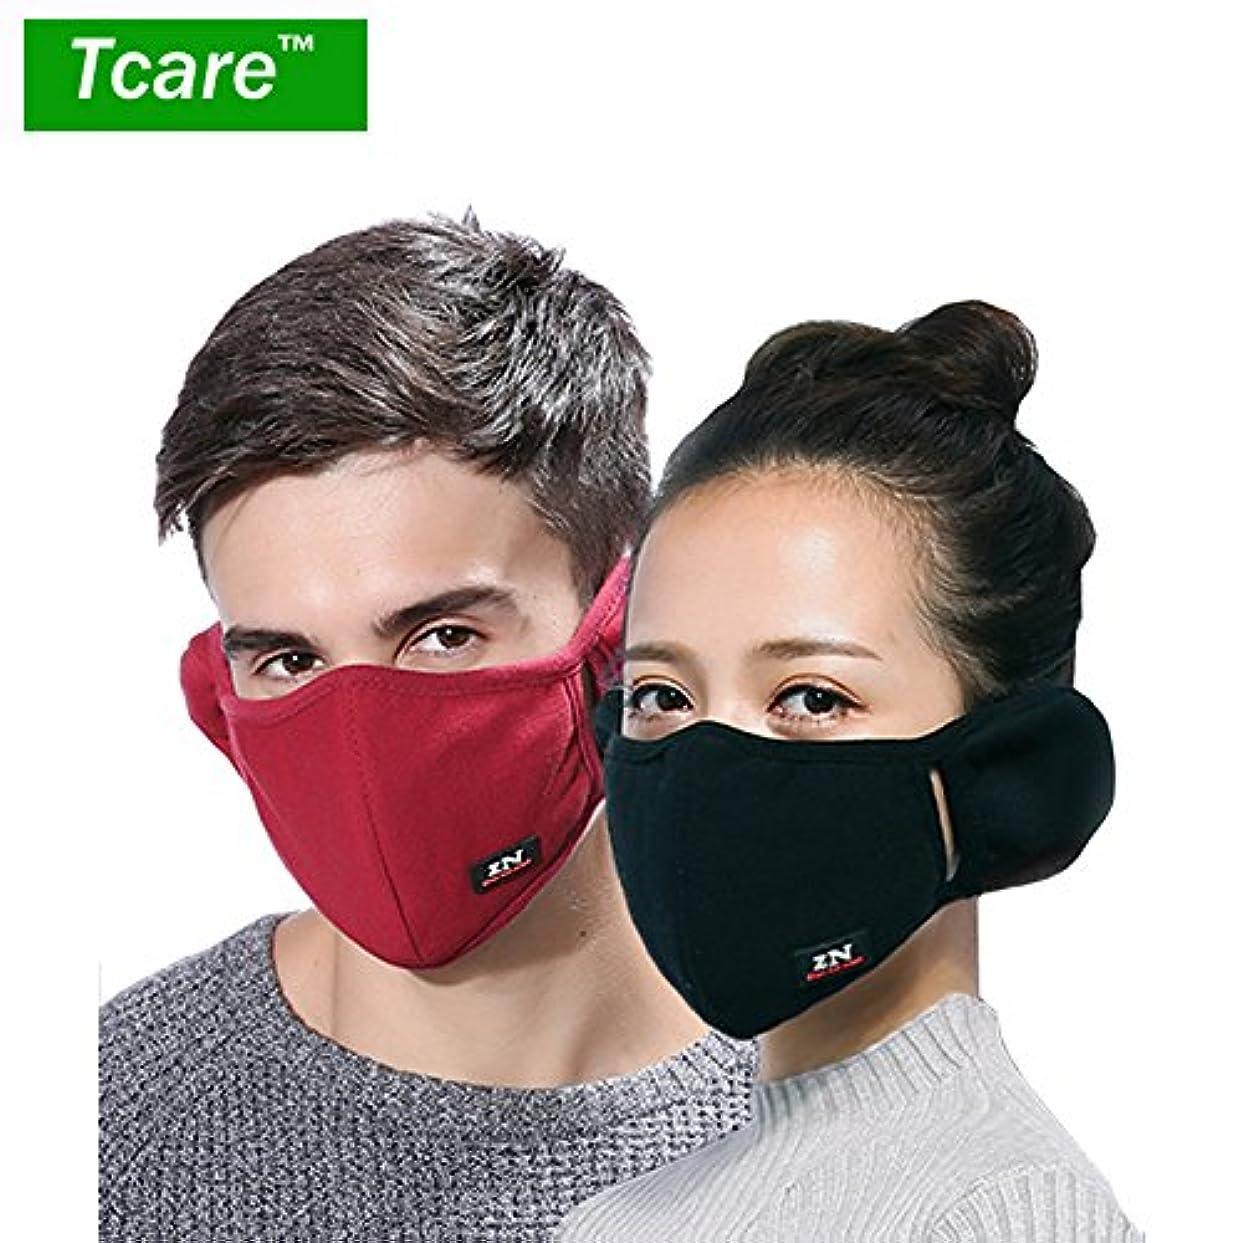 上がる鼓舞する山男性女性の少年少女のためのTcare呼吸器2レイヤピュアコットン保護フィルター挿入口:9グレー